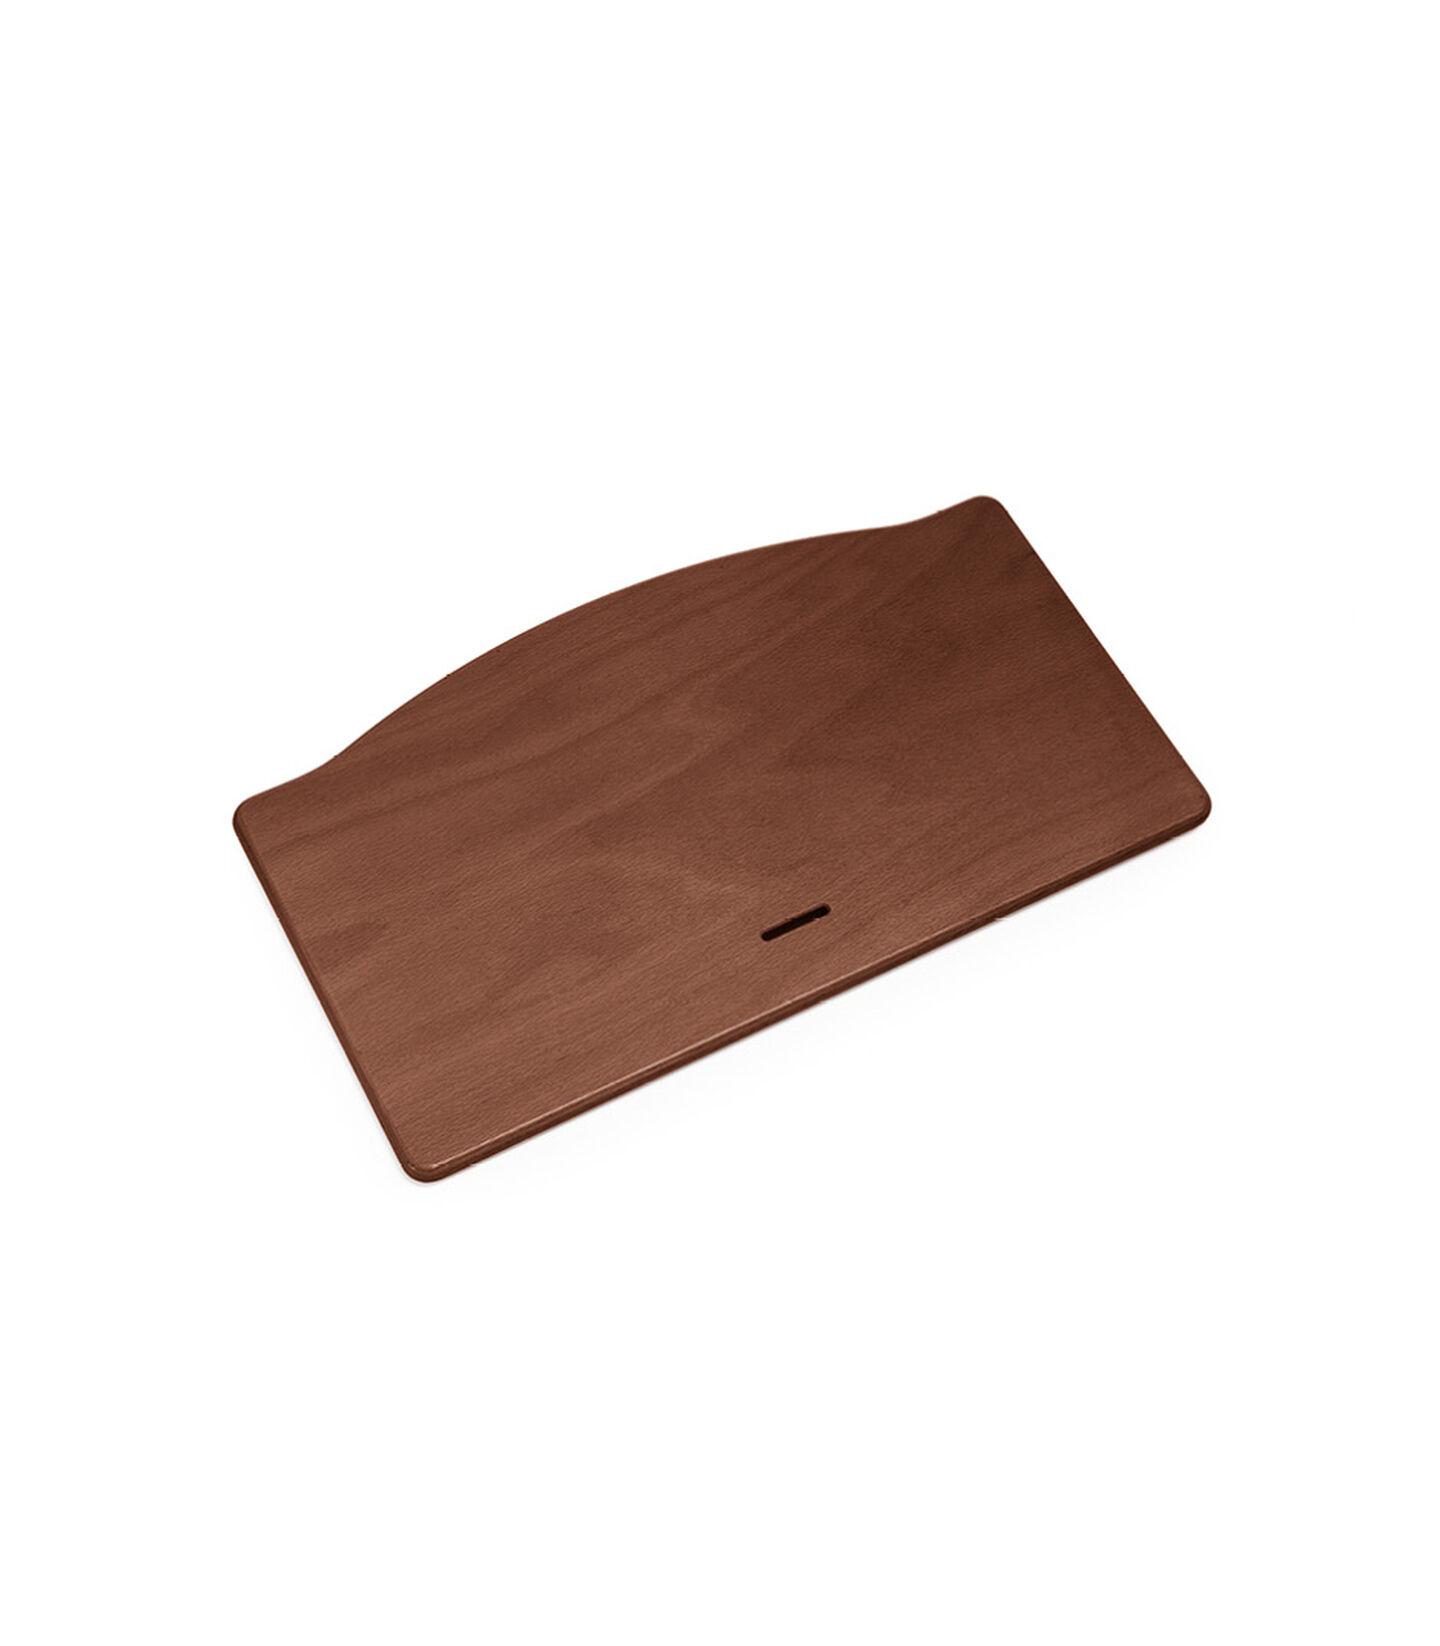 Tripp Trapp® Seatplate Walnut Brown, Walnut, mainview view 1